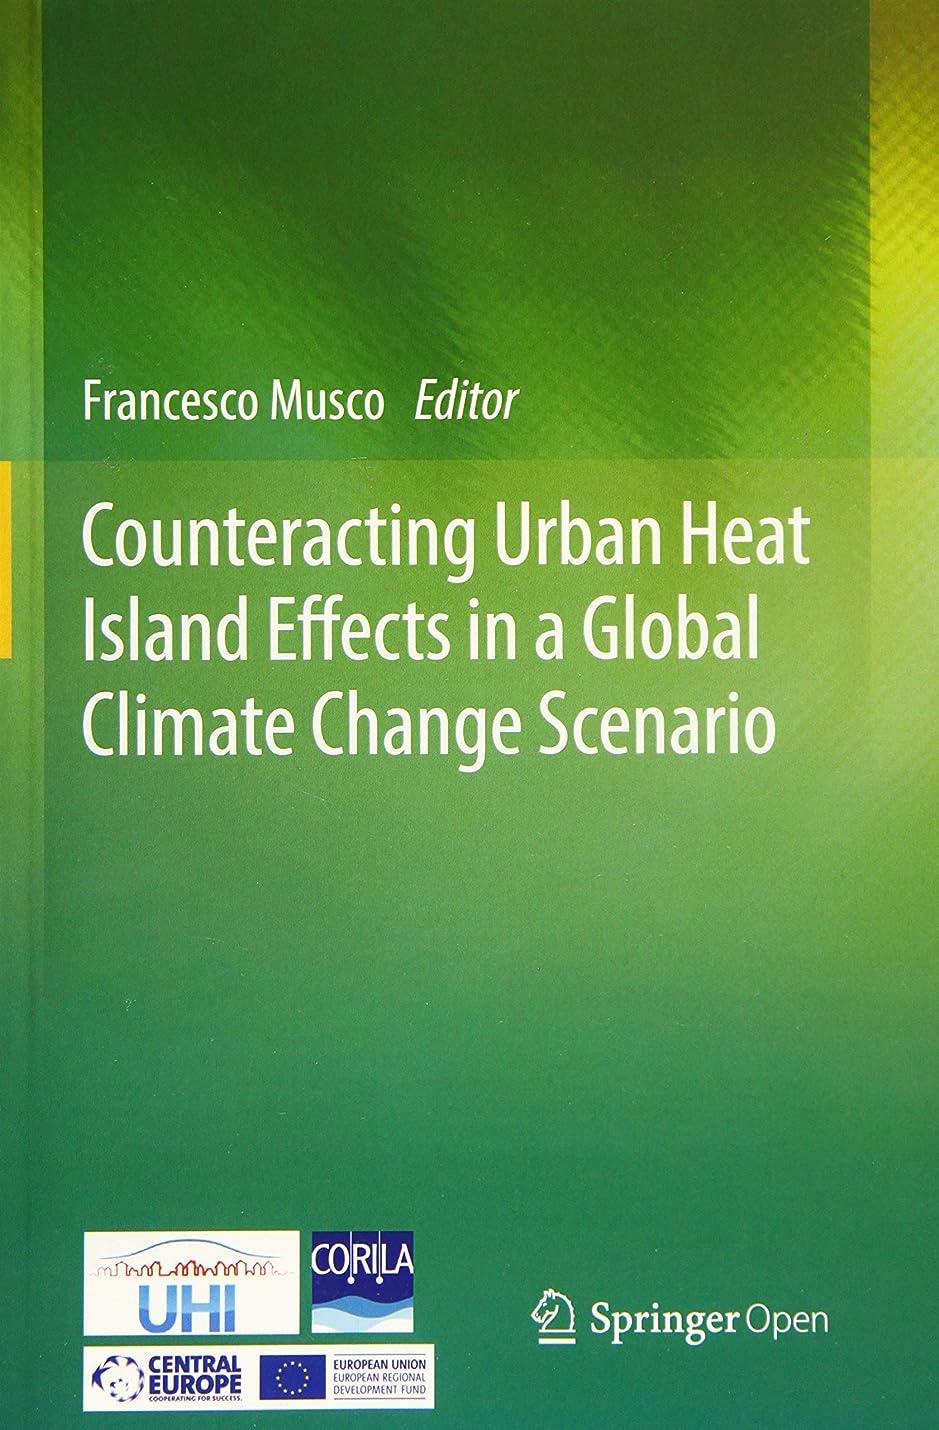 ポータブル非常に怒っています不毛Counteracting Urban Heat Island Effects in a Global Climate Change Scenario